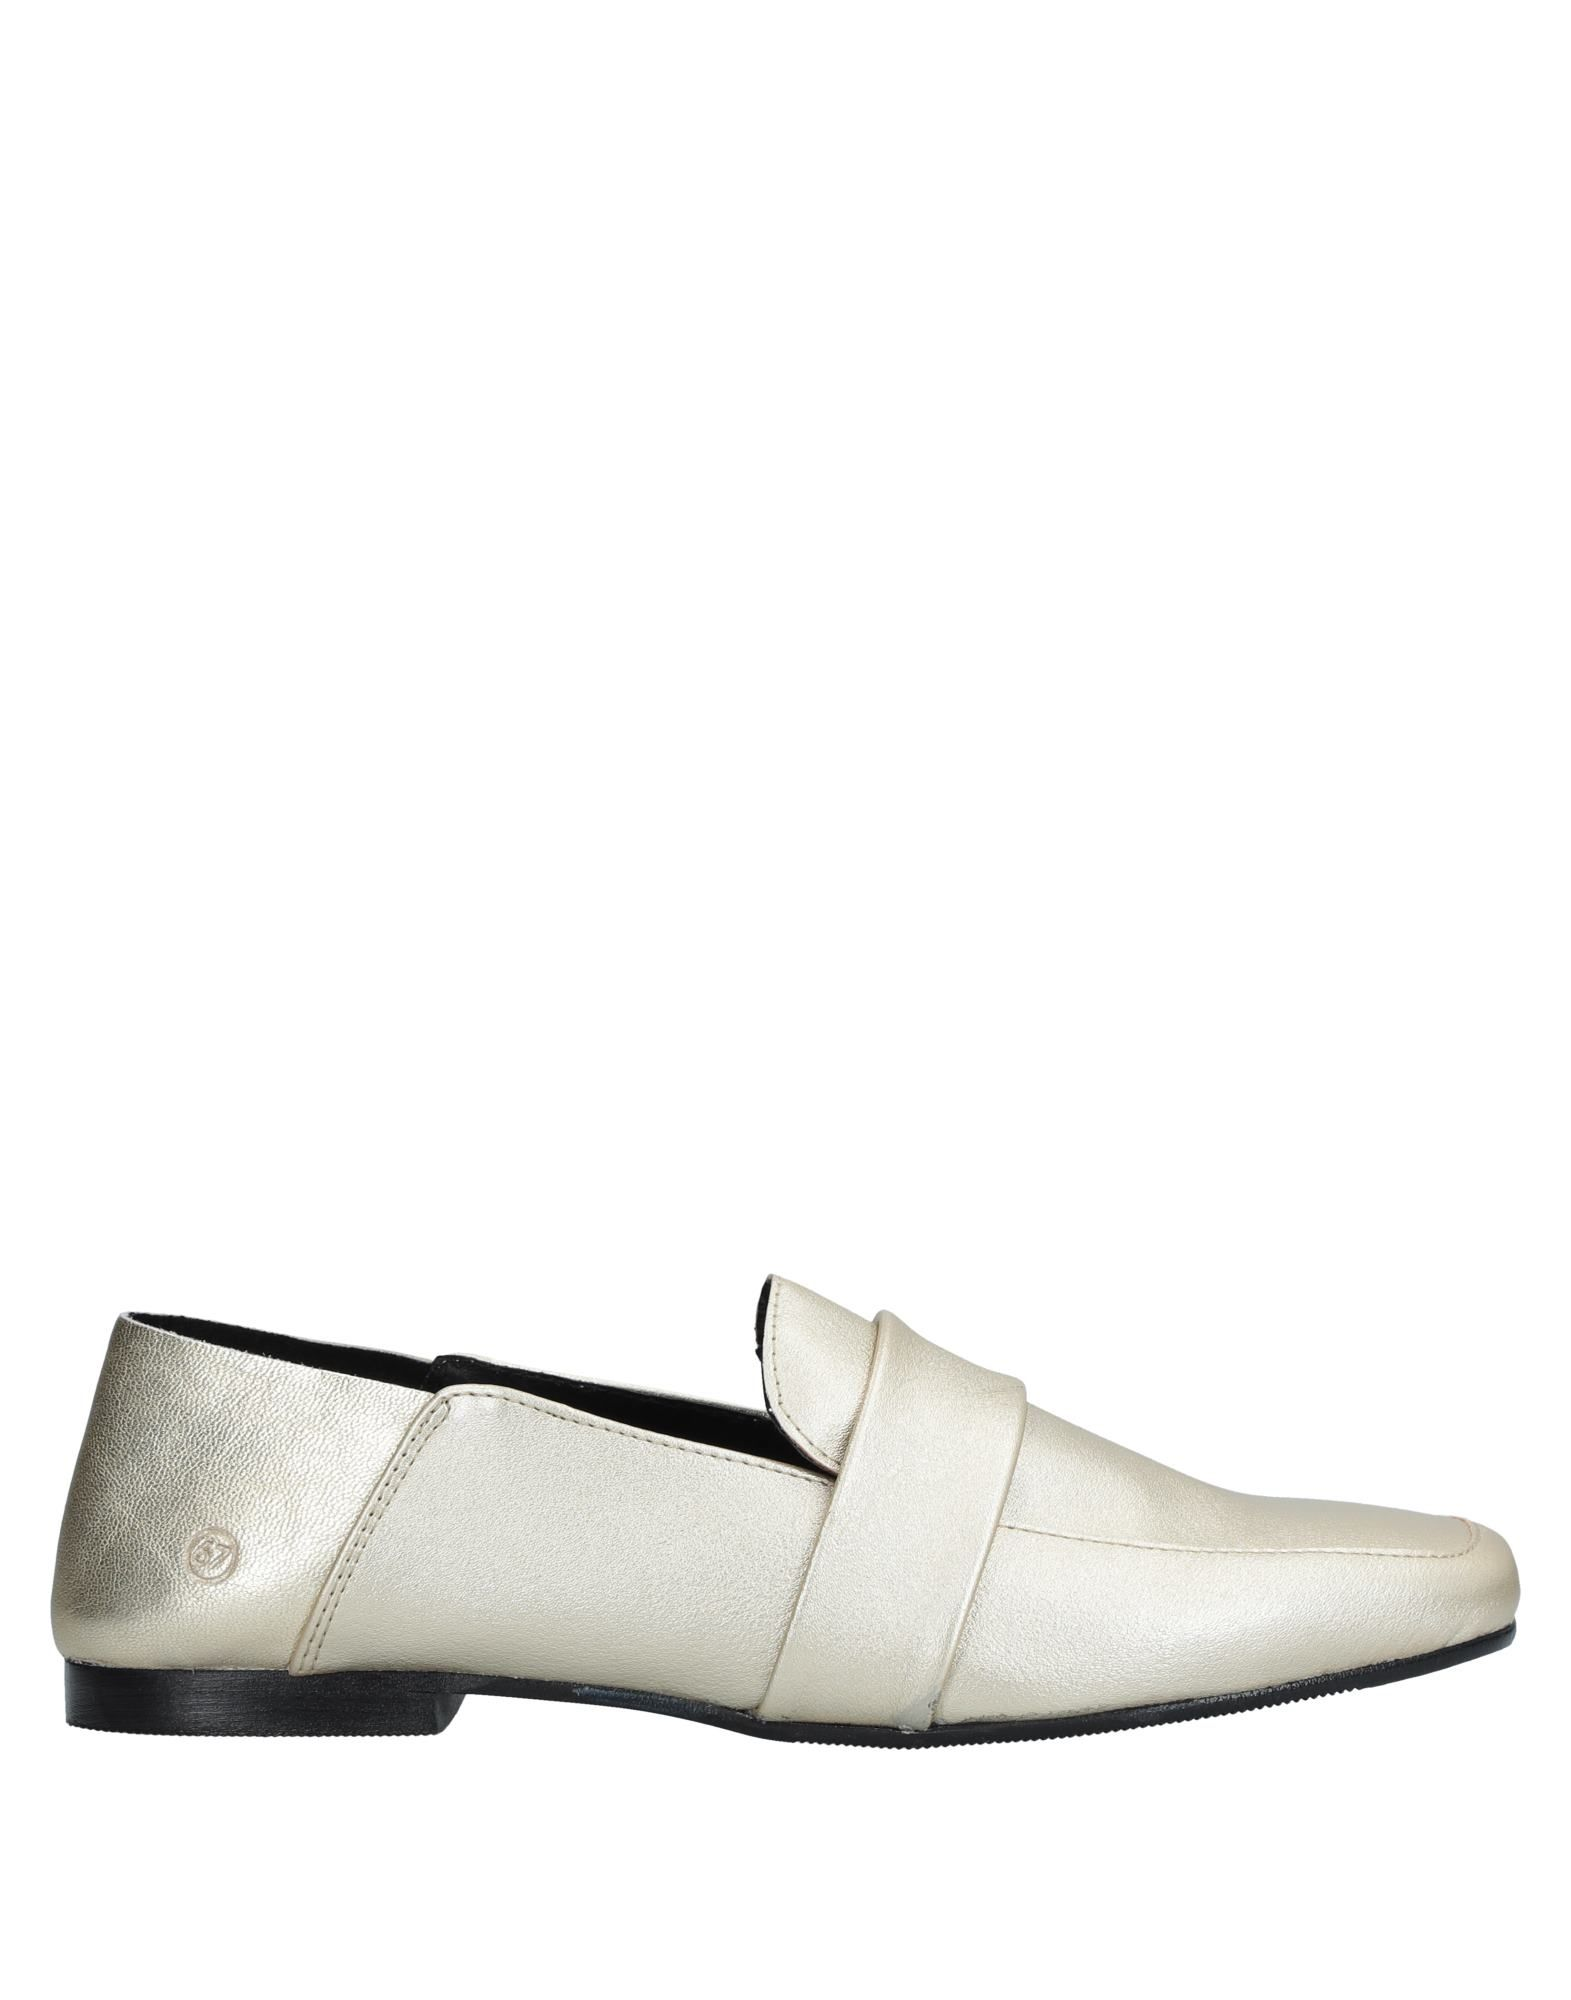 67 Sixtyseven Mokassins Damen  11541539SG Gute Qualität beliebte Schuhe